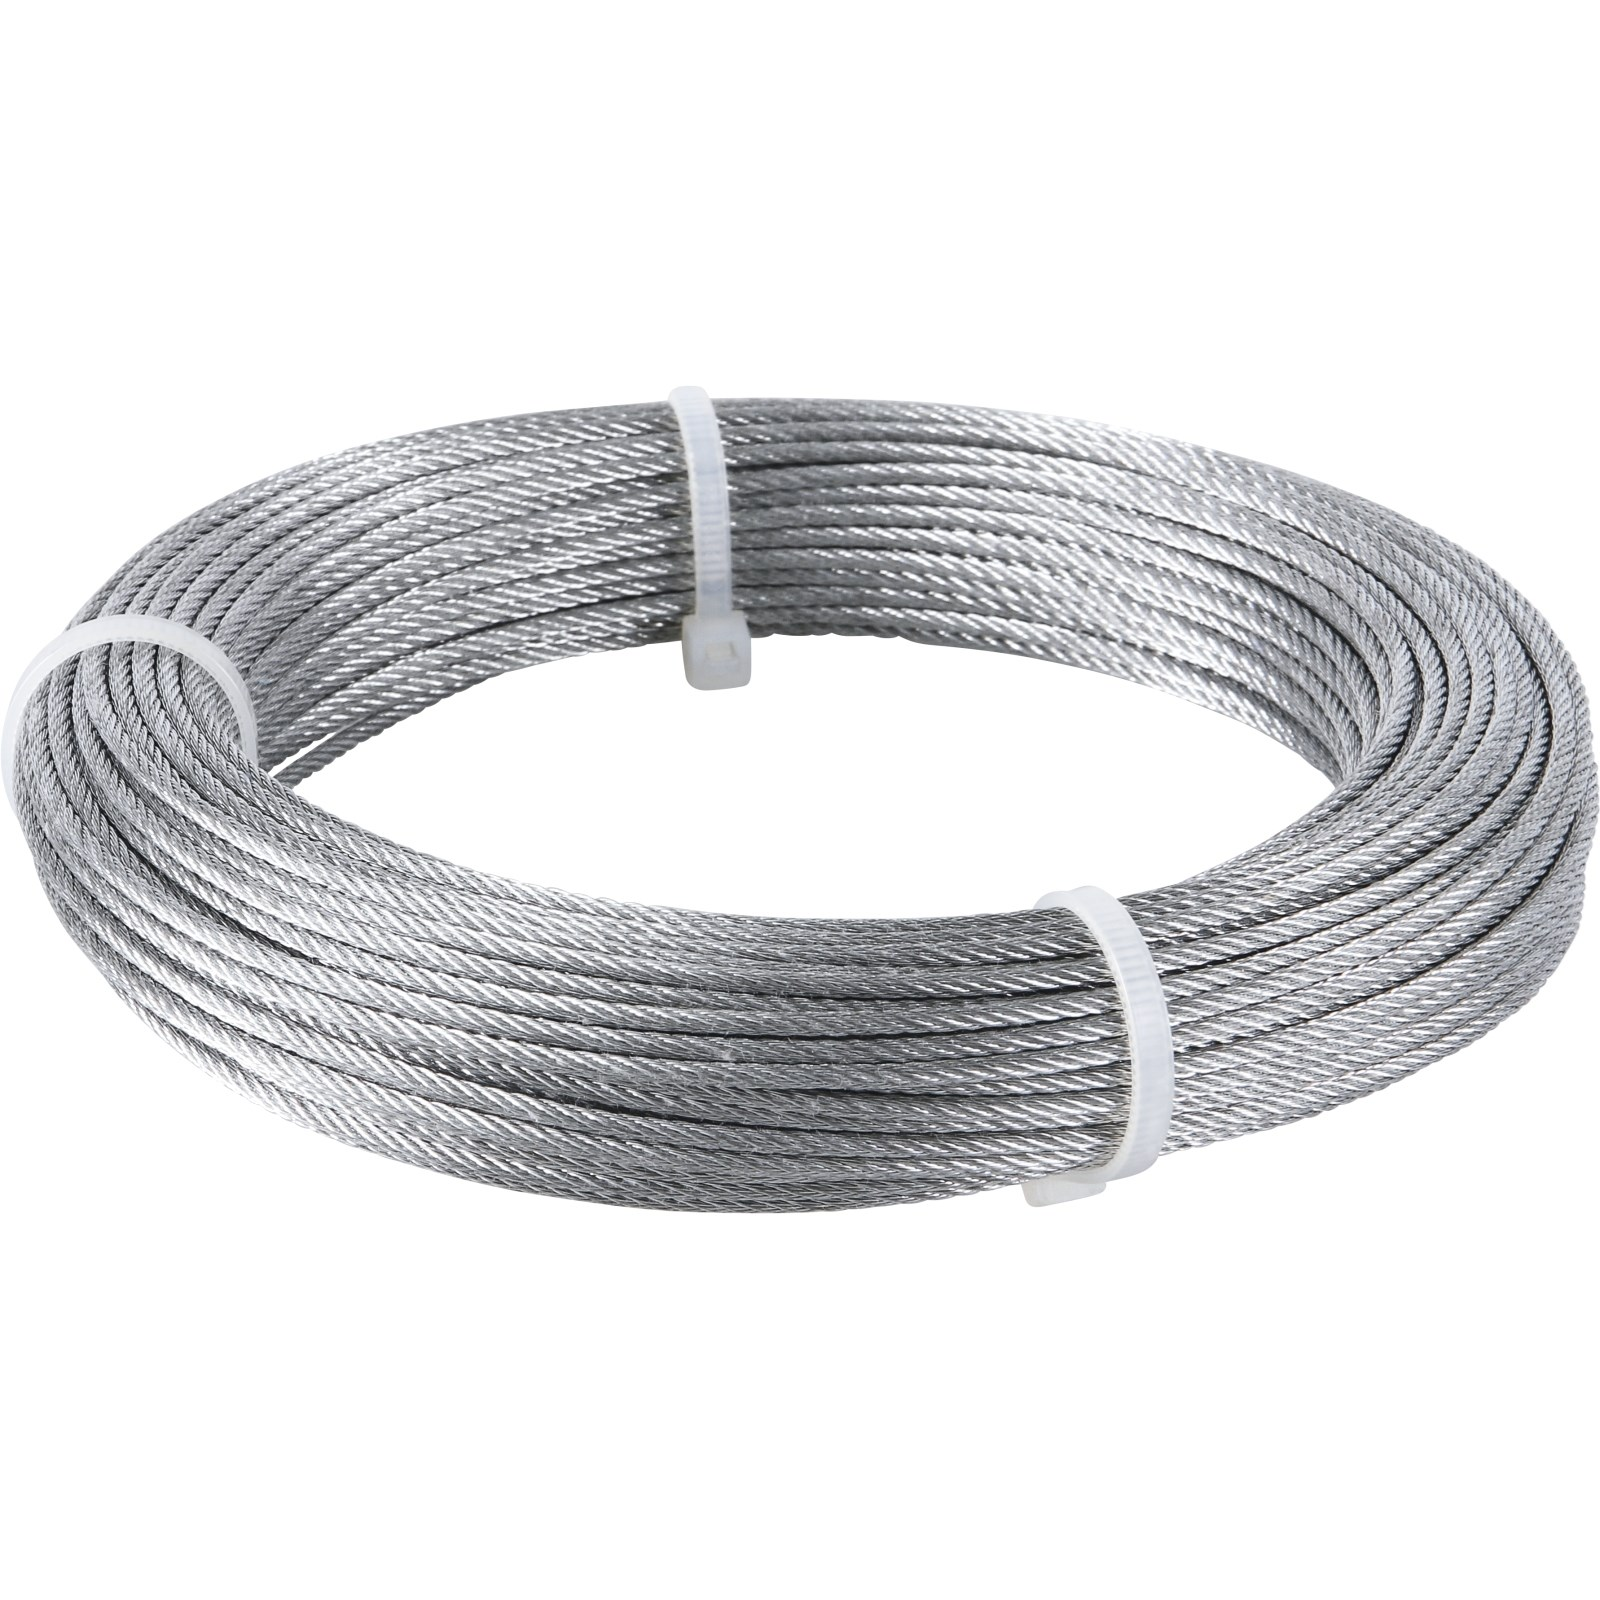 Drahtseil Stahl verzinkt 2mm×30m - Ketten und Seile - LANDI